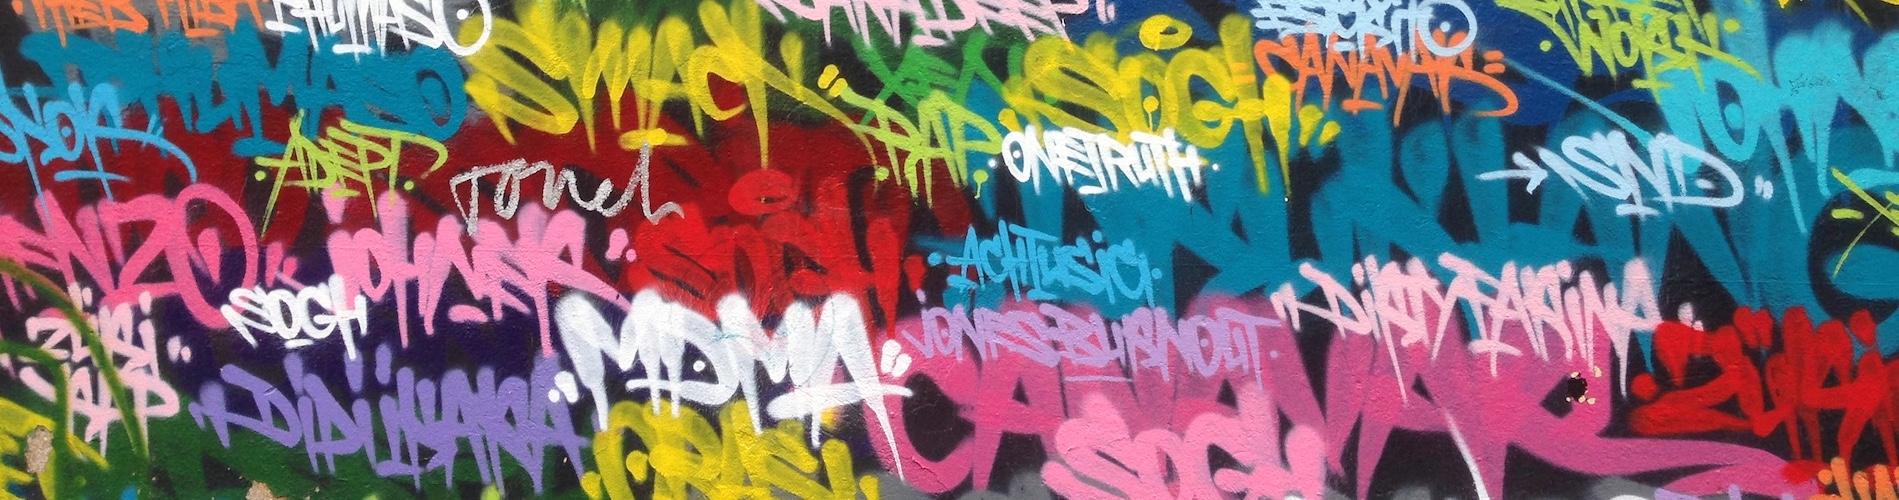 Top-30-Graffitti-Signatures-Zurich.-Banner